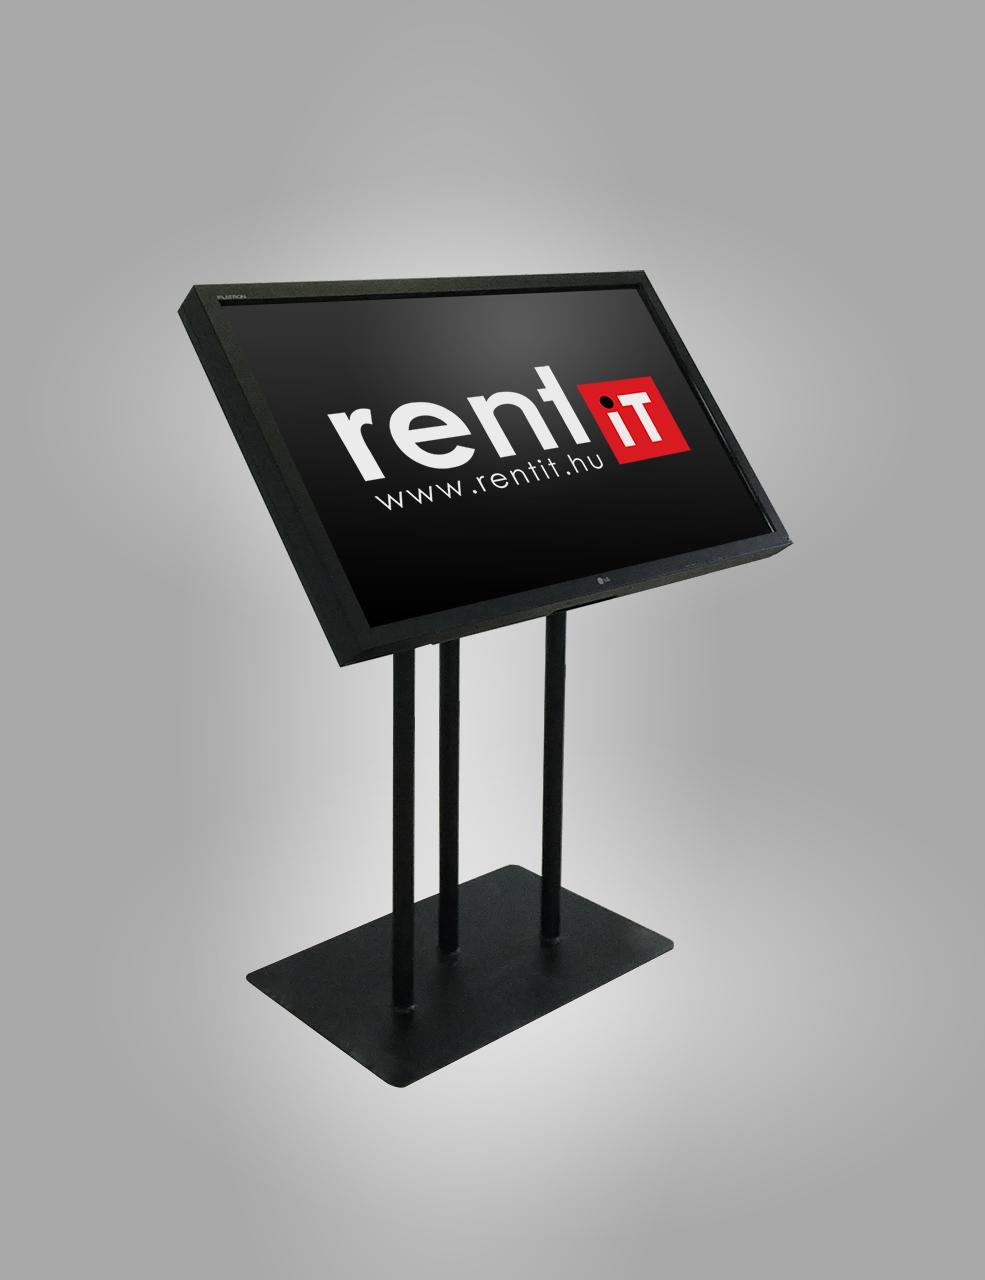 Döntött padlóállvány nagy méretű érintőképernyőhöz - TV állvány bérlés, bérbeadás